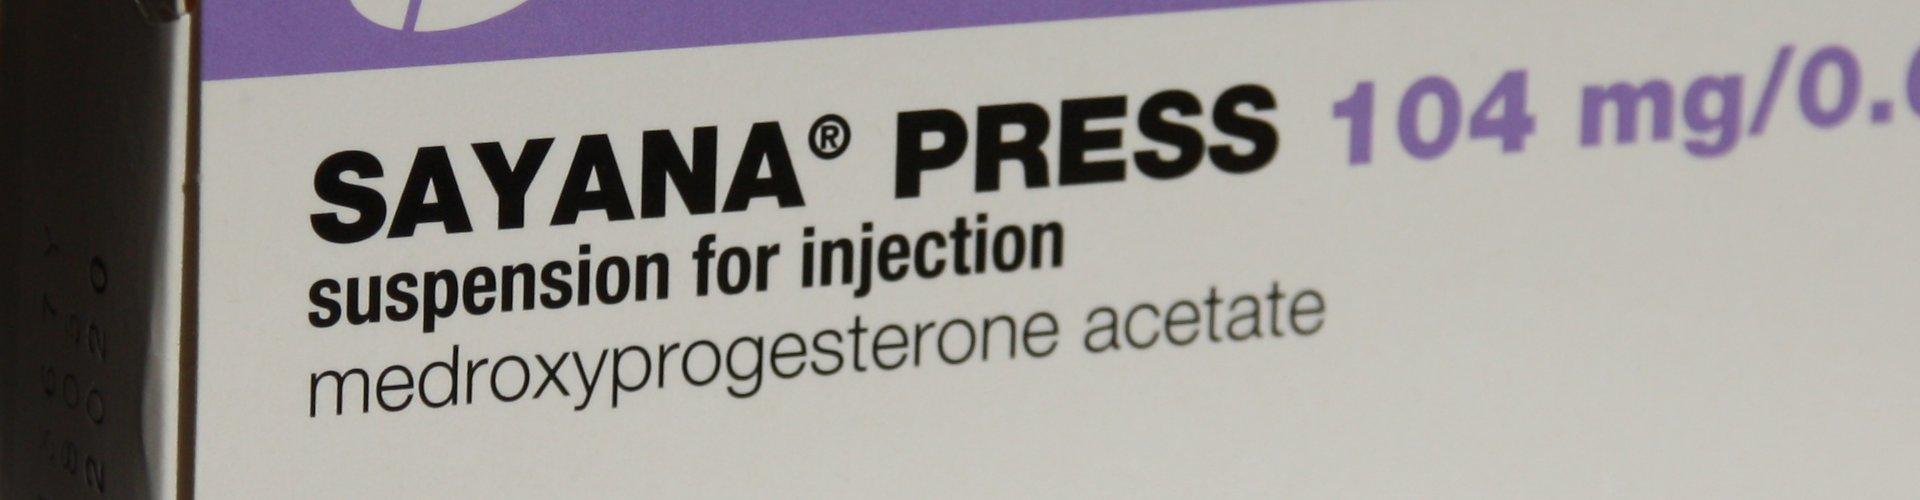 sayana 104 mg